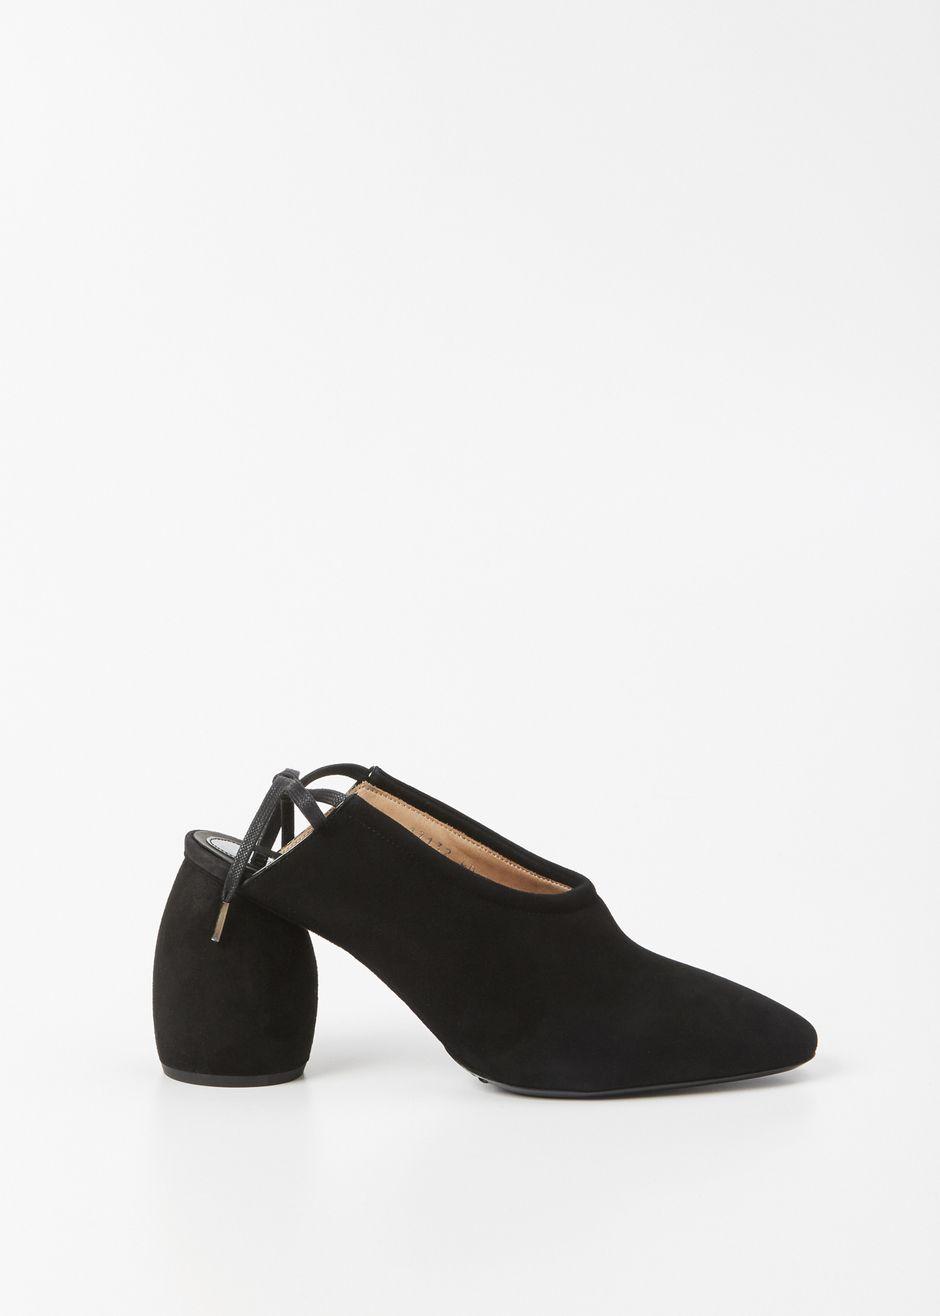 a44948153c Dries Van Noten Slingback Ballet Heel (Black) | Kick It | Ballet ...